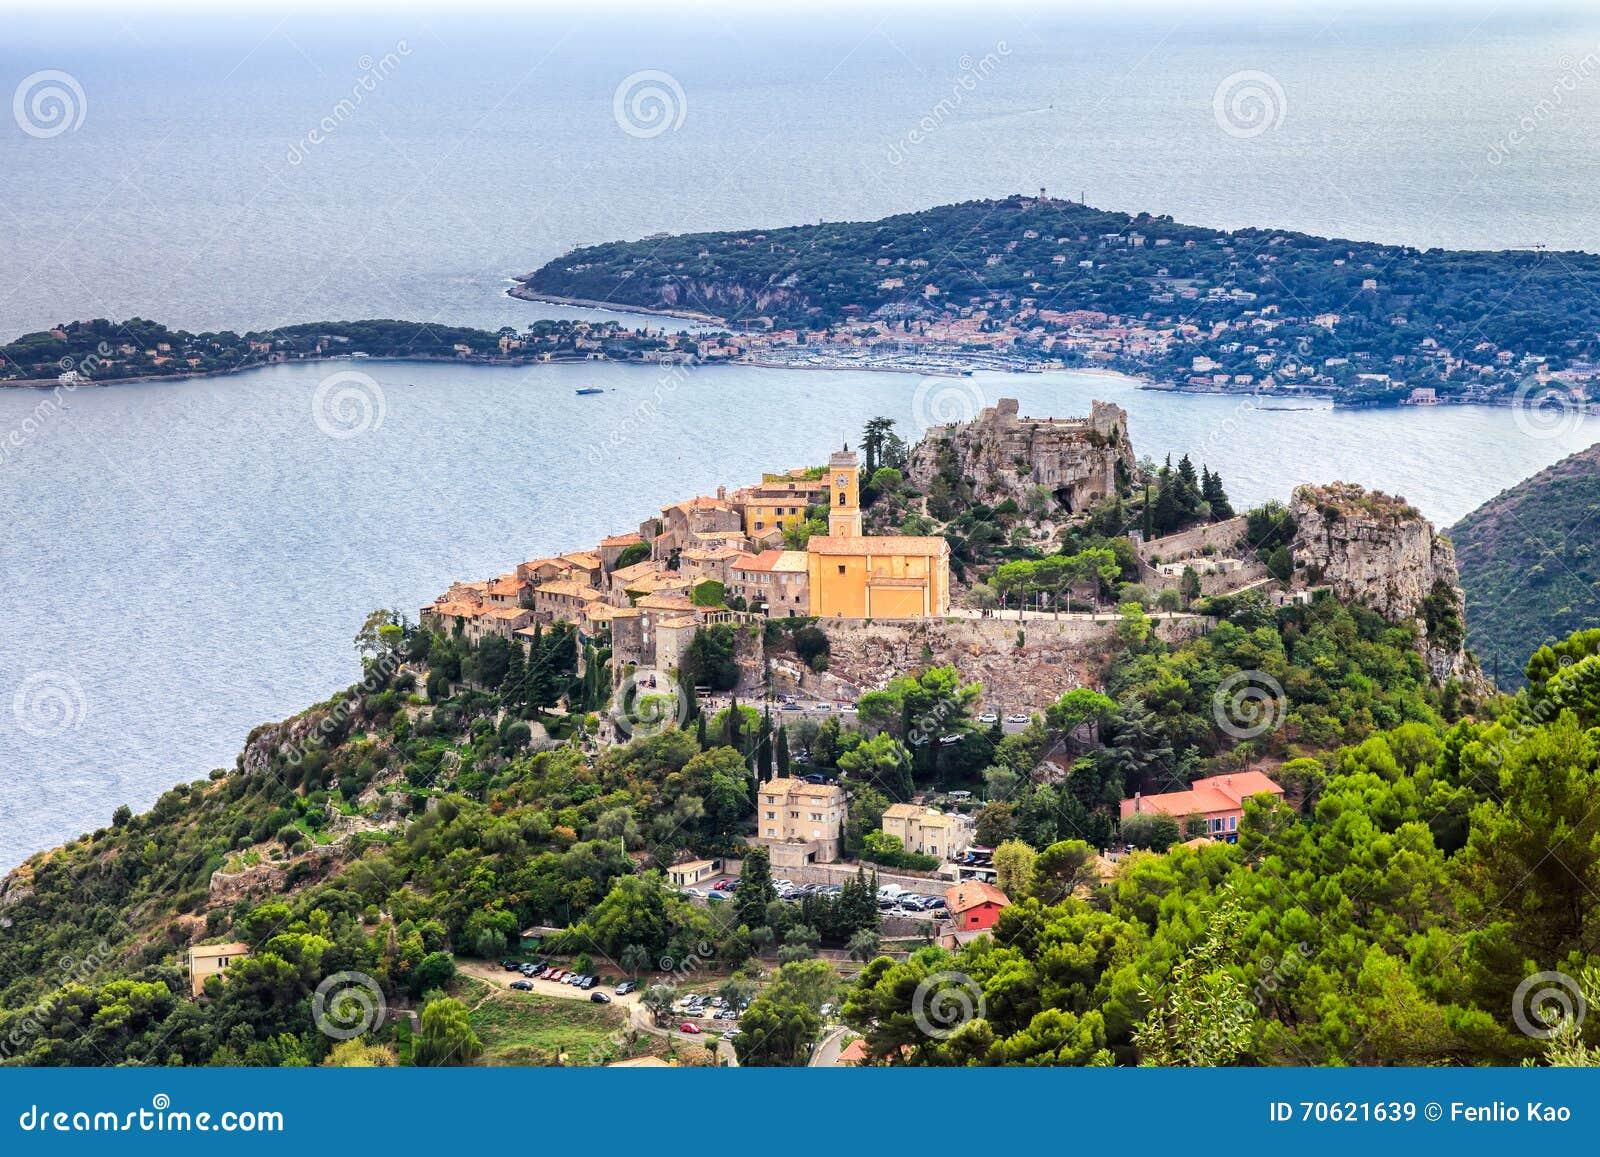 Eze es un pequeño pueblo viejo en el departamento de Alpes-Maritimes en Francia meridional, no lejos de Niza